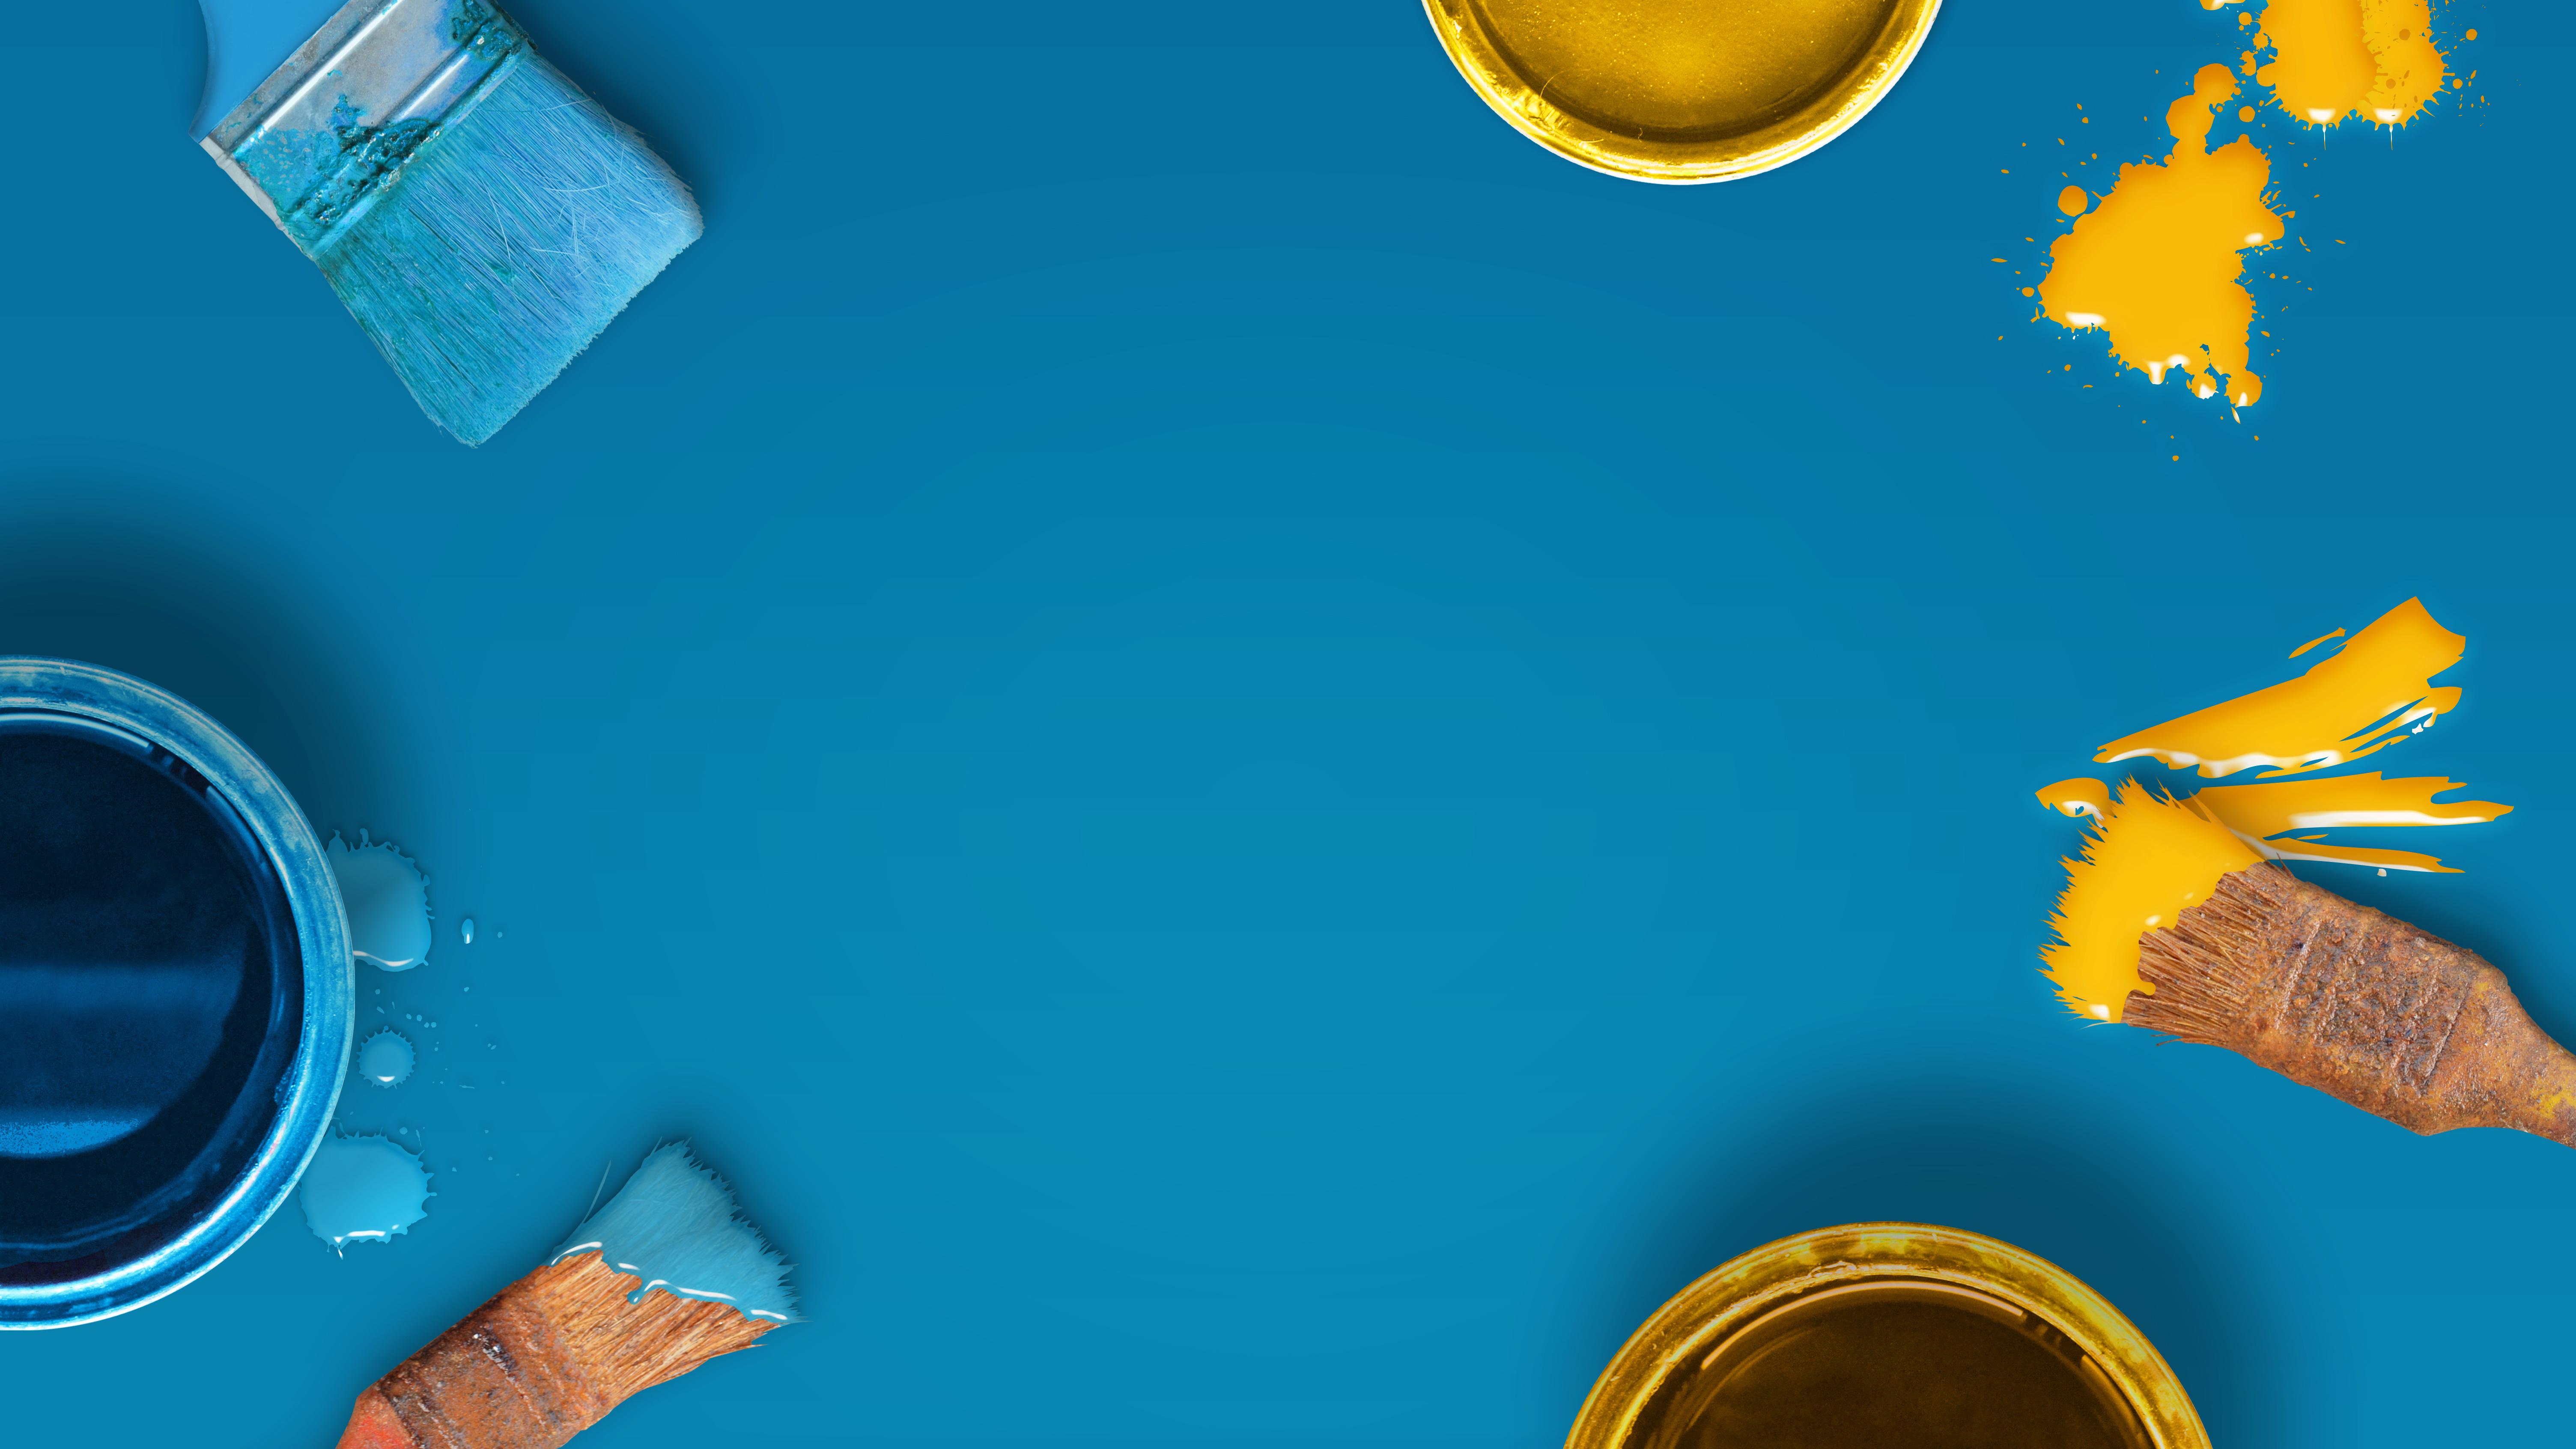 Prima Di Pitturare Una Parete pitturare: gli strumenti necessari